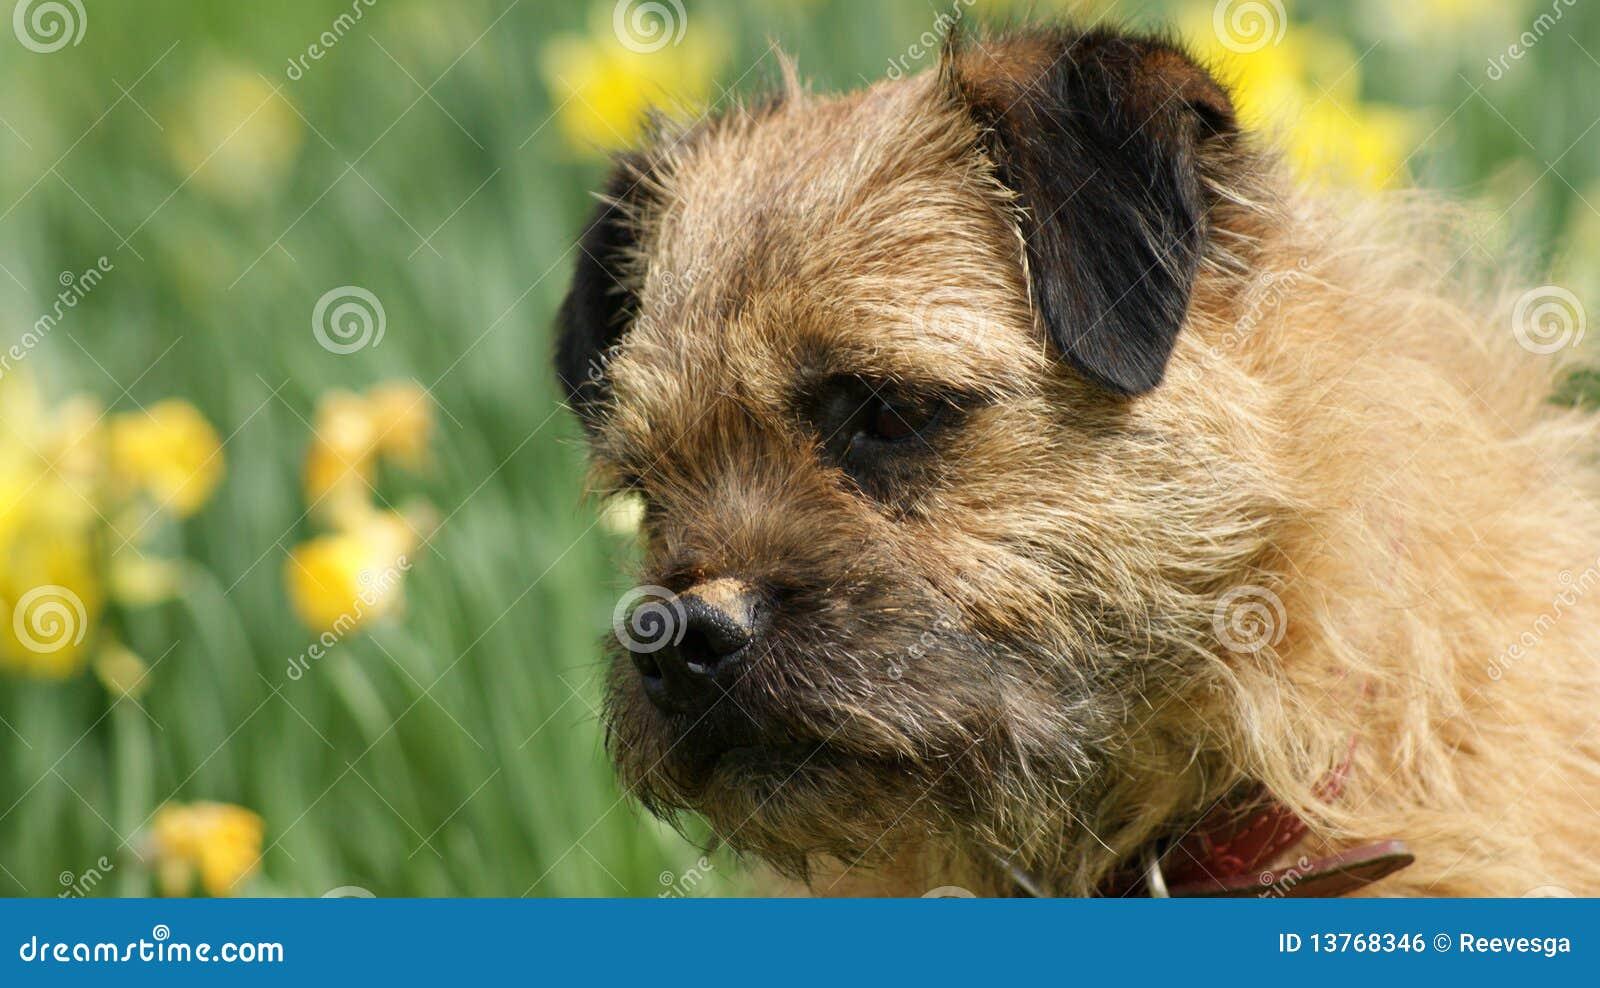 A cheeky border terrier